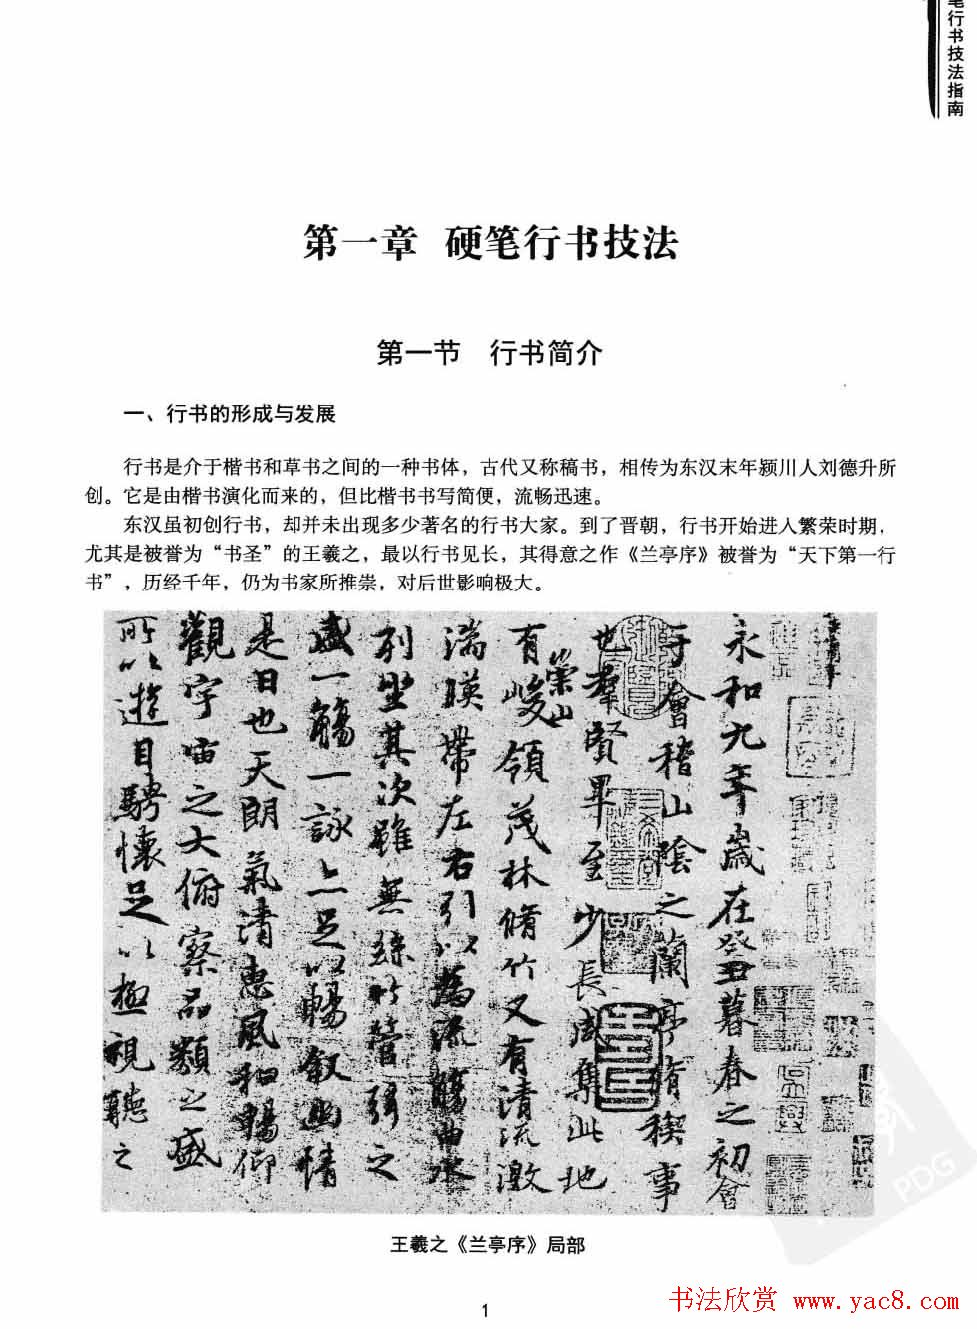 学习字帖《行书技法-中国硬笔书法指南》